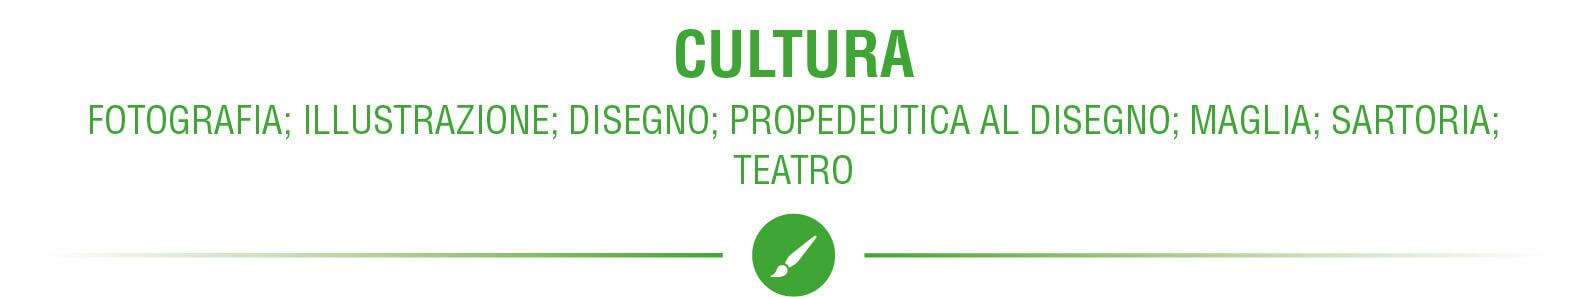 Accademia 4Accordi lista corsi Cultura